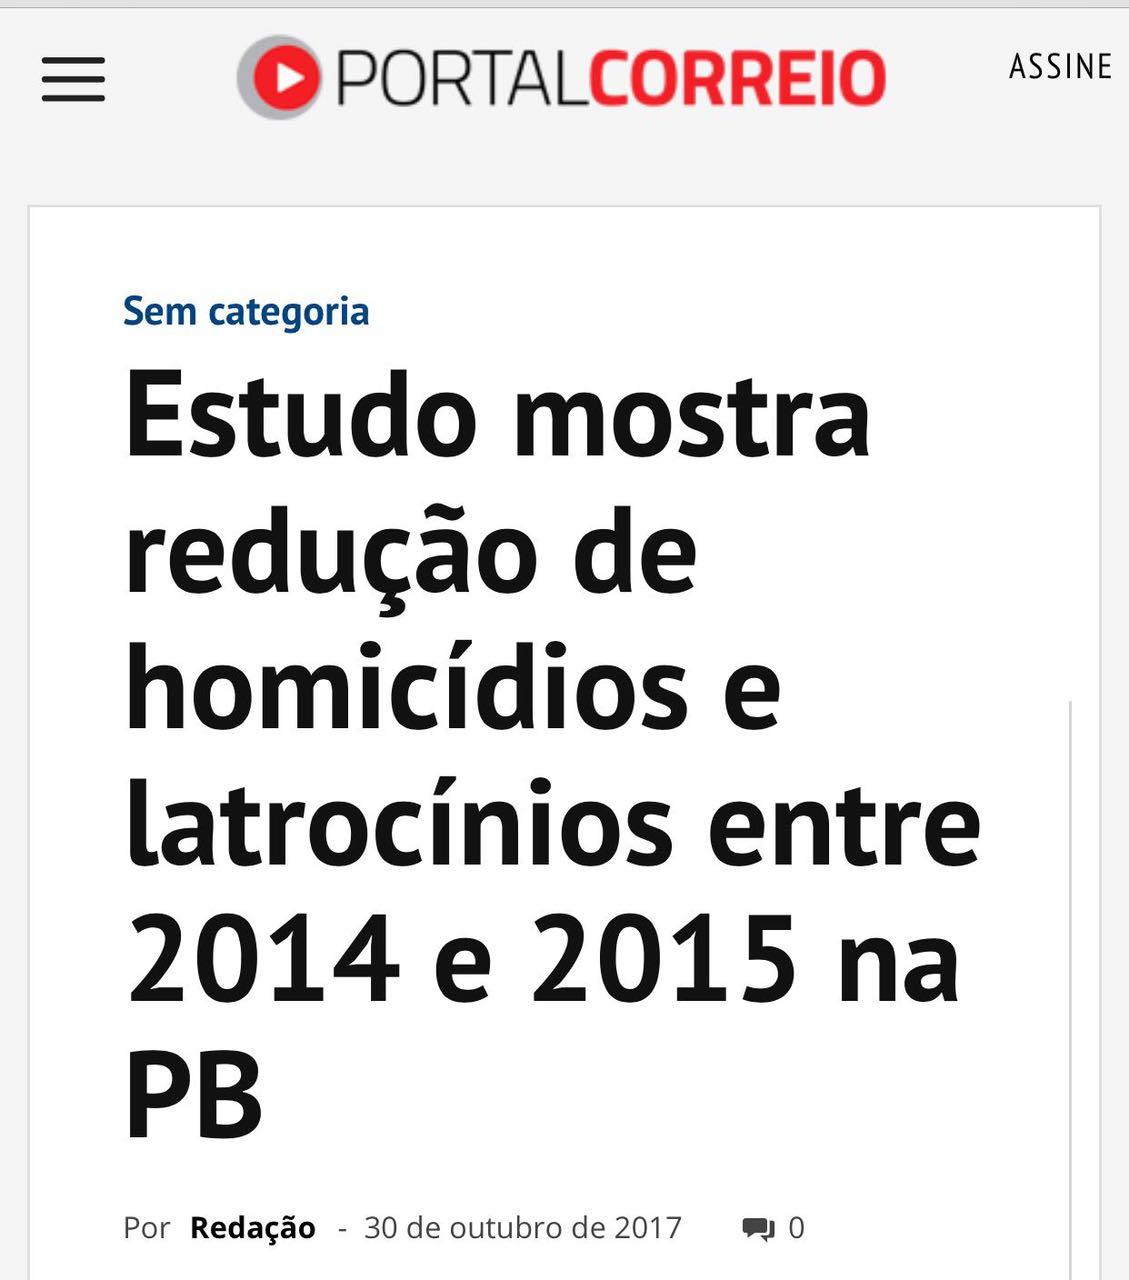 WhatsApp Image 2018 06 07 at 10.07.48 1 - ROBERTO JÁ ESCOLHEU UM LADO: Sistema Correio abre as 'baterias' contra o Governo Ricardo Coutinho